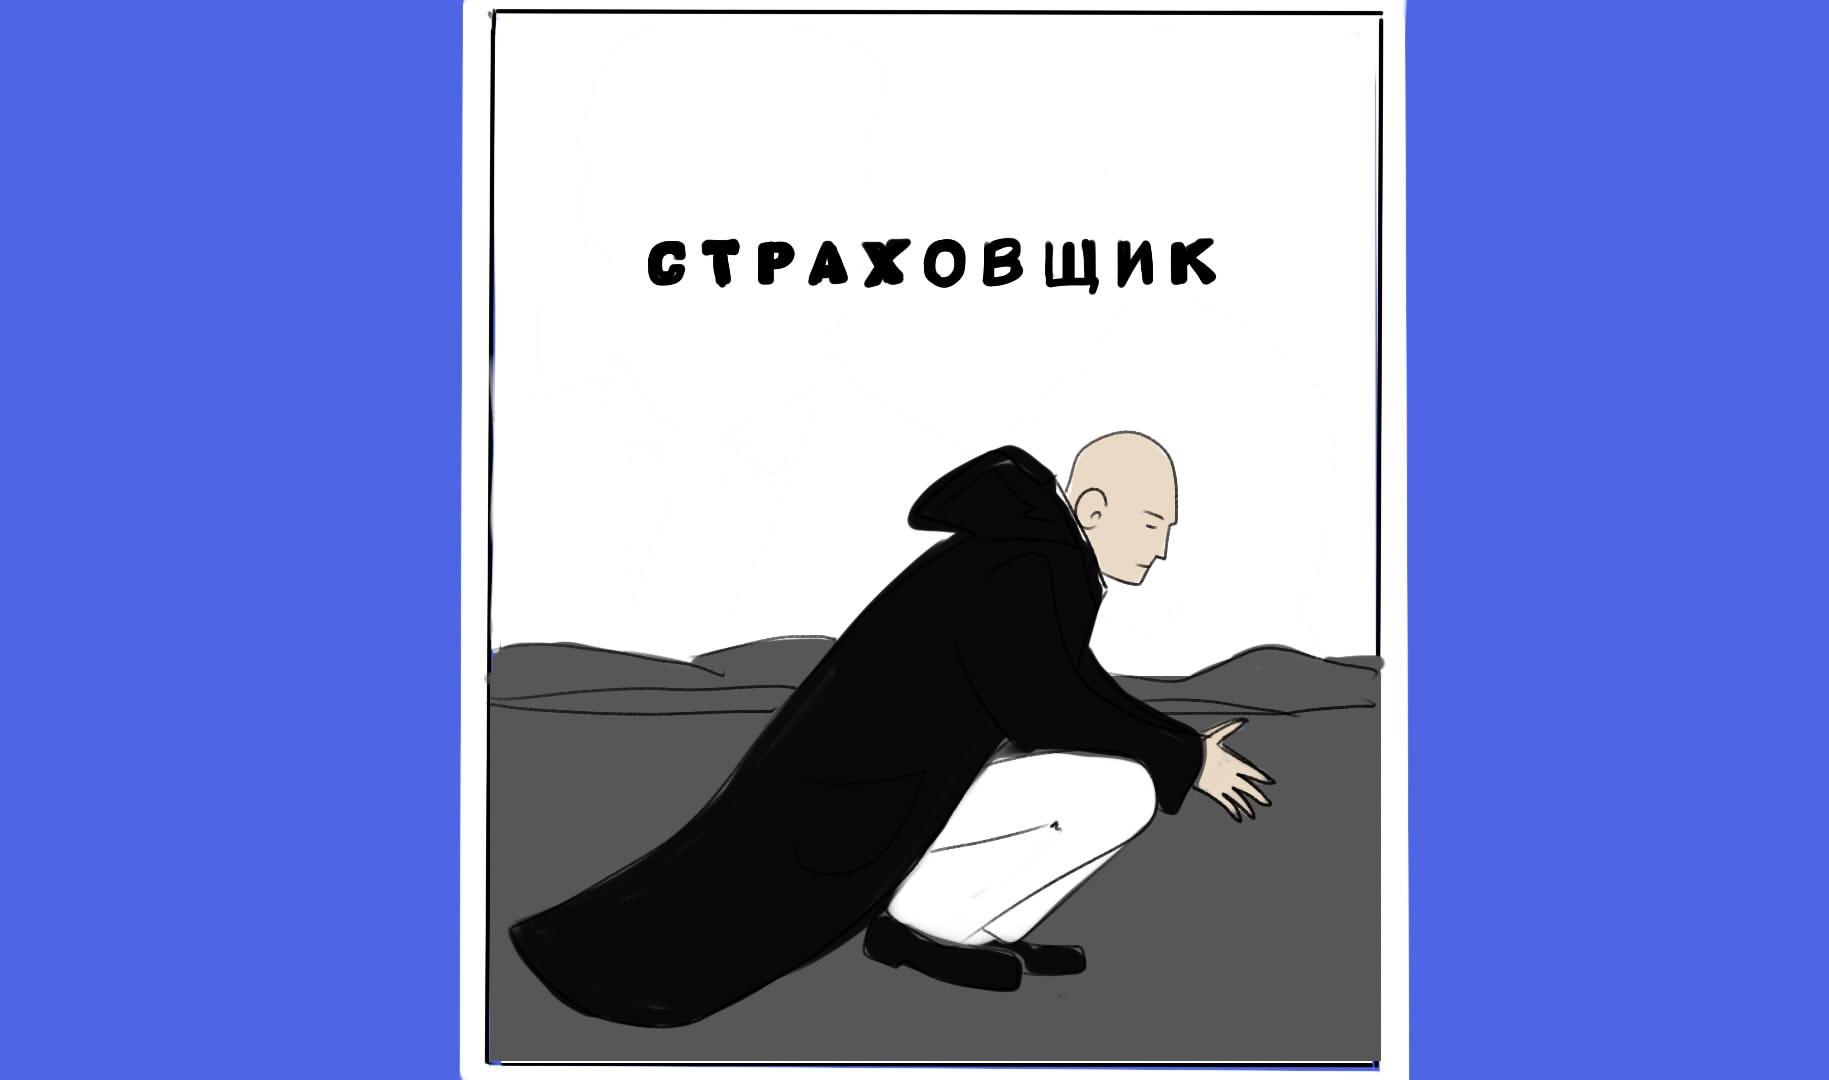 BuzzStories podcast #003 Страховщик - пятничный синематограф